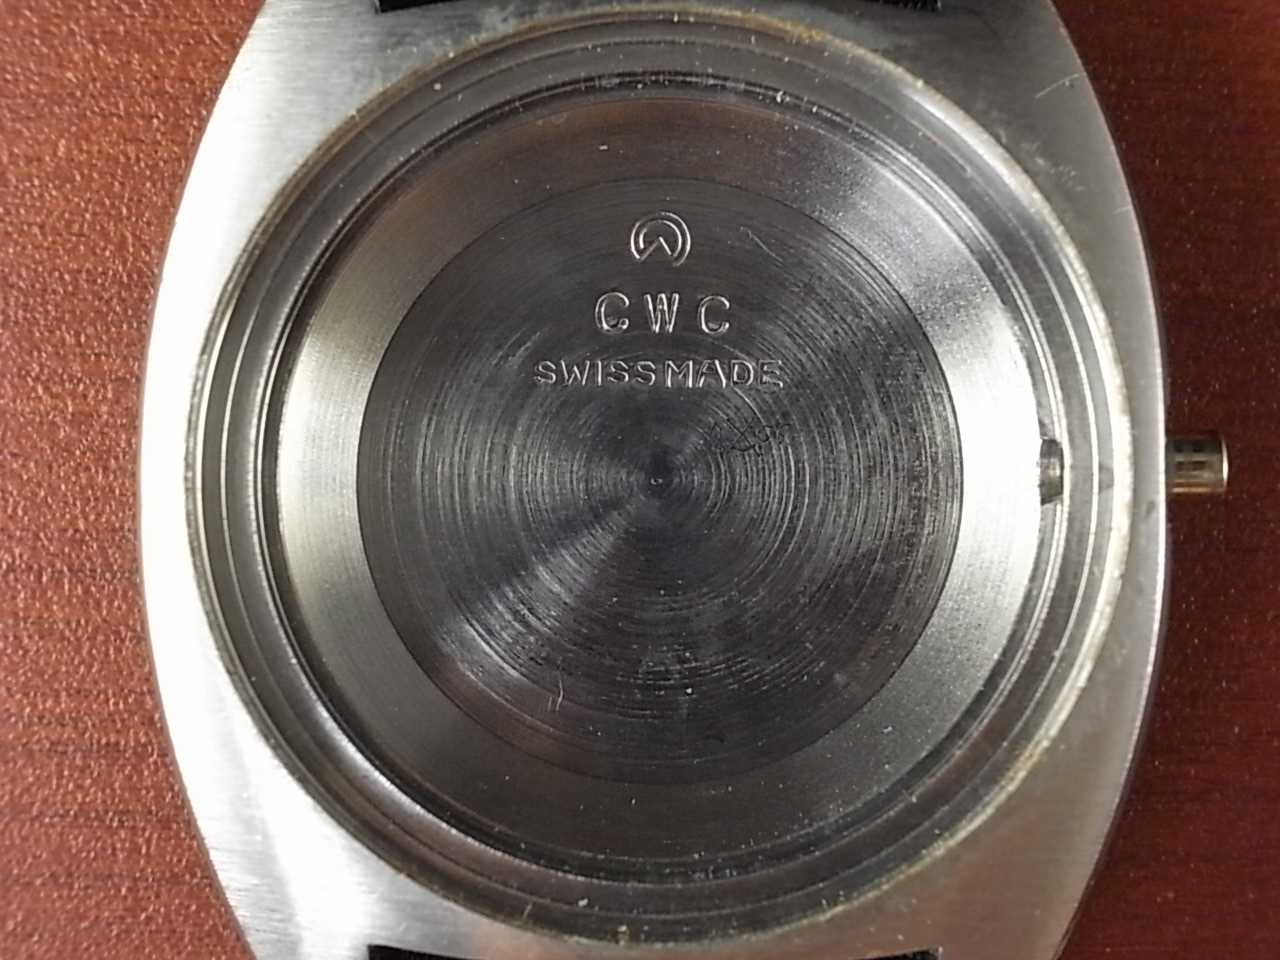 CWC ミリタリー イギリス陸軍 W10 トノーケース 1970年代の写真6枚目